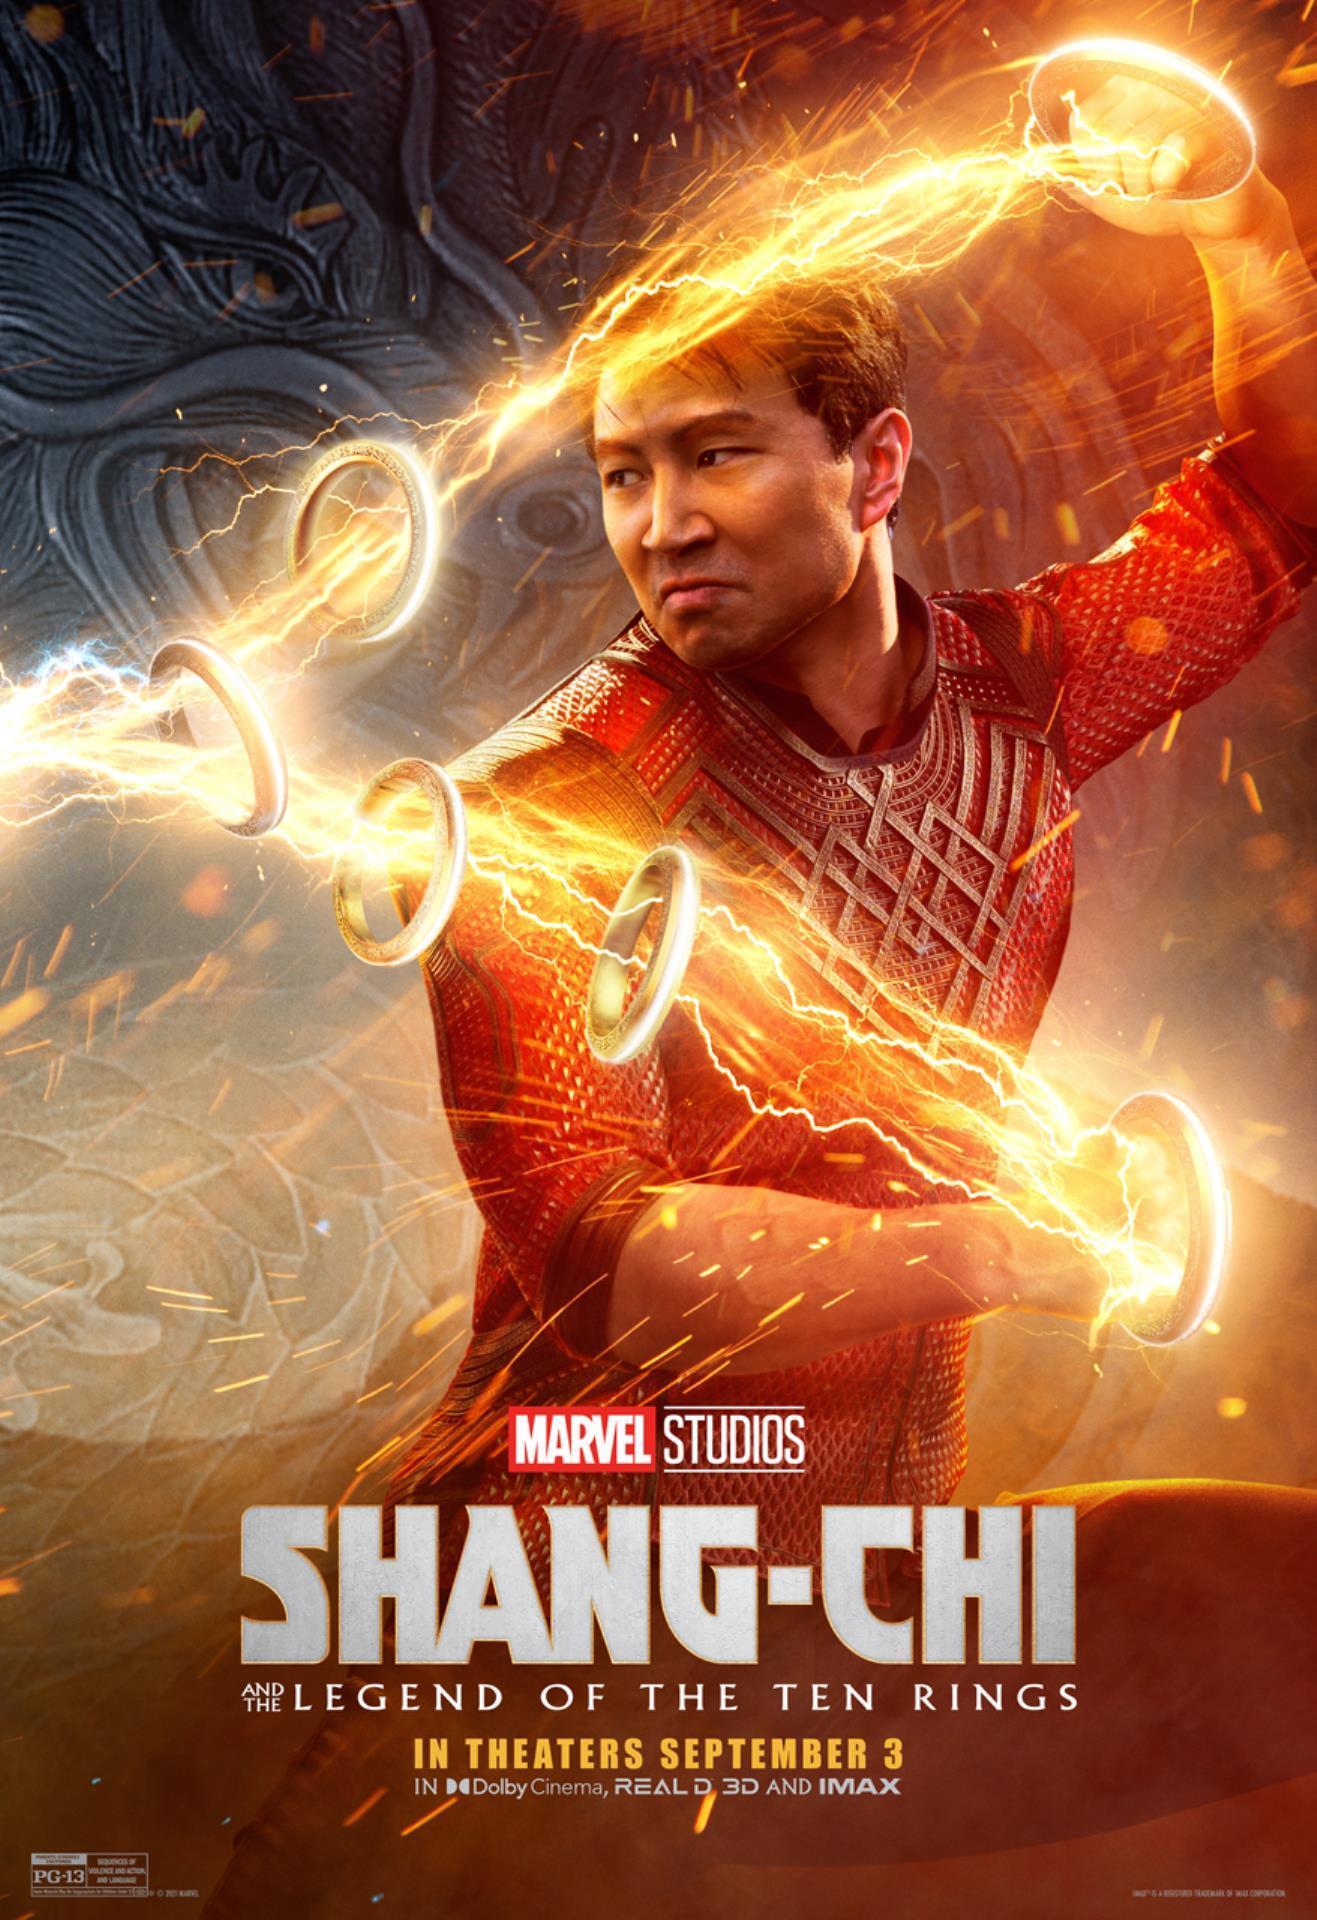 [Shang-Chi poster]